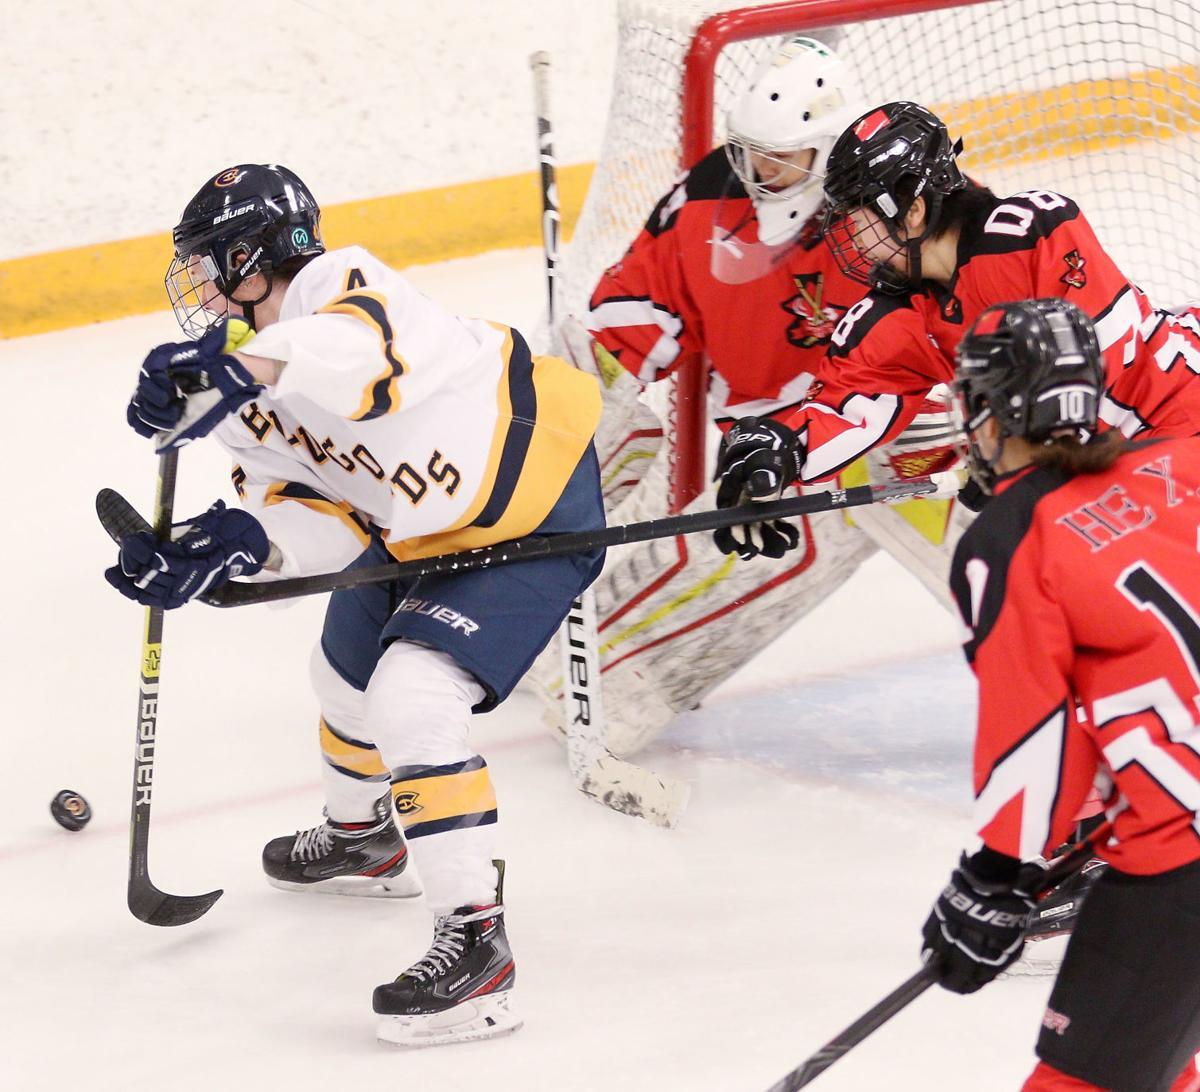 010420_dr_Hockey_2a